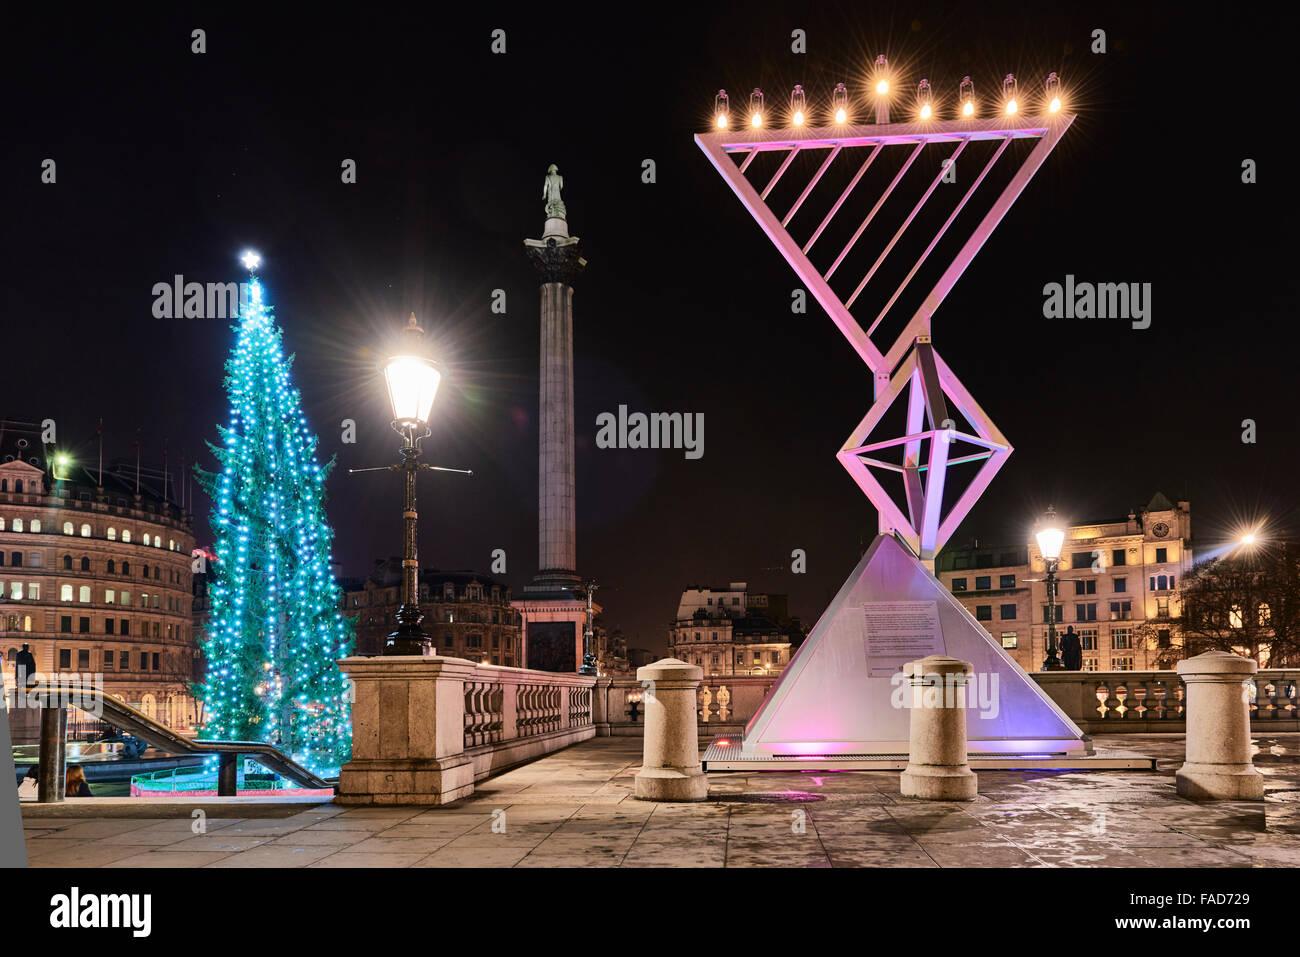 LONDON, UK - DECEMBER 19: Night shot of Menorah next to Christmas tree in Trafalgar Square, set up for Chanukah. - Stock Image